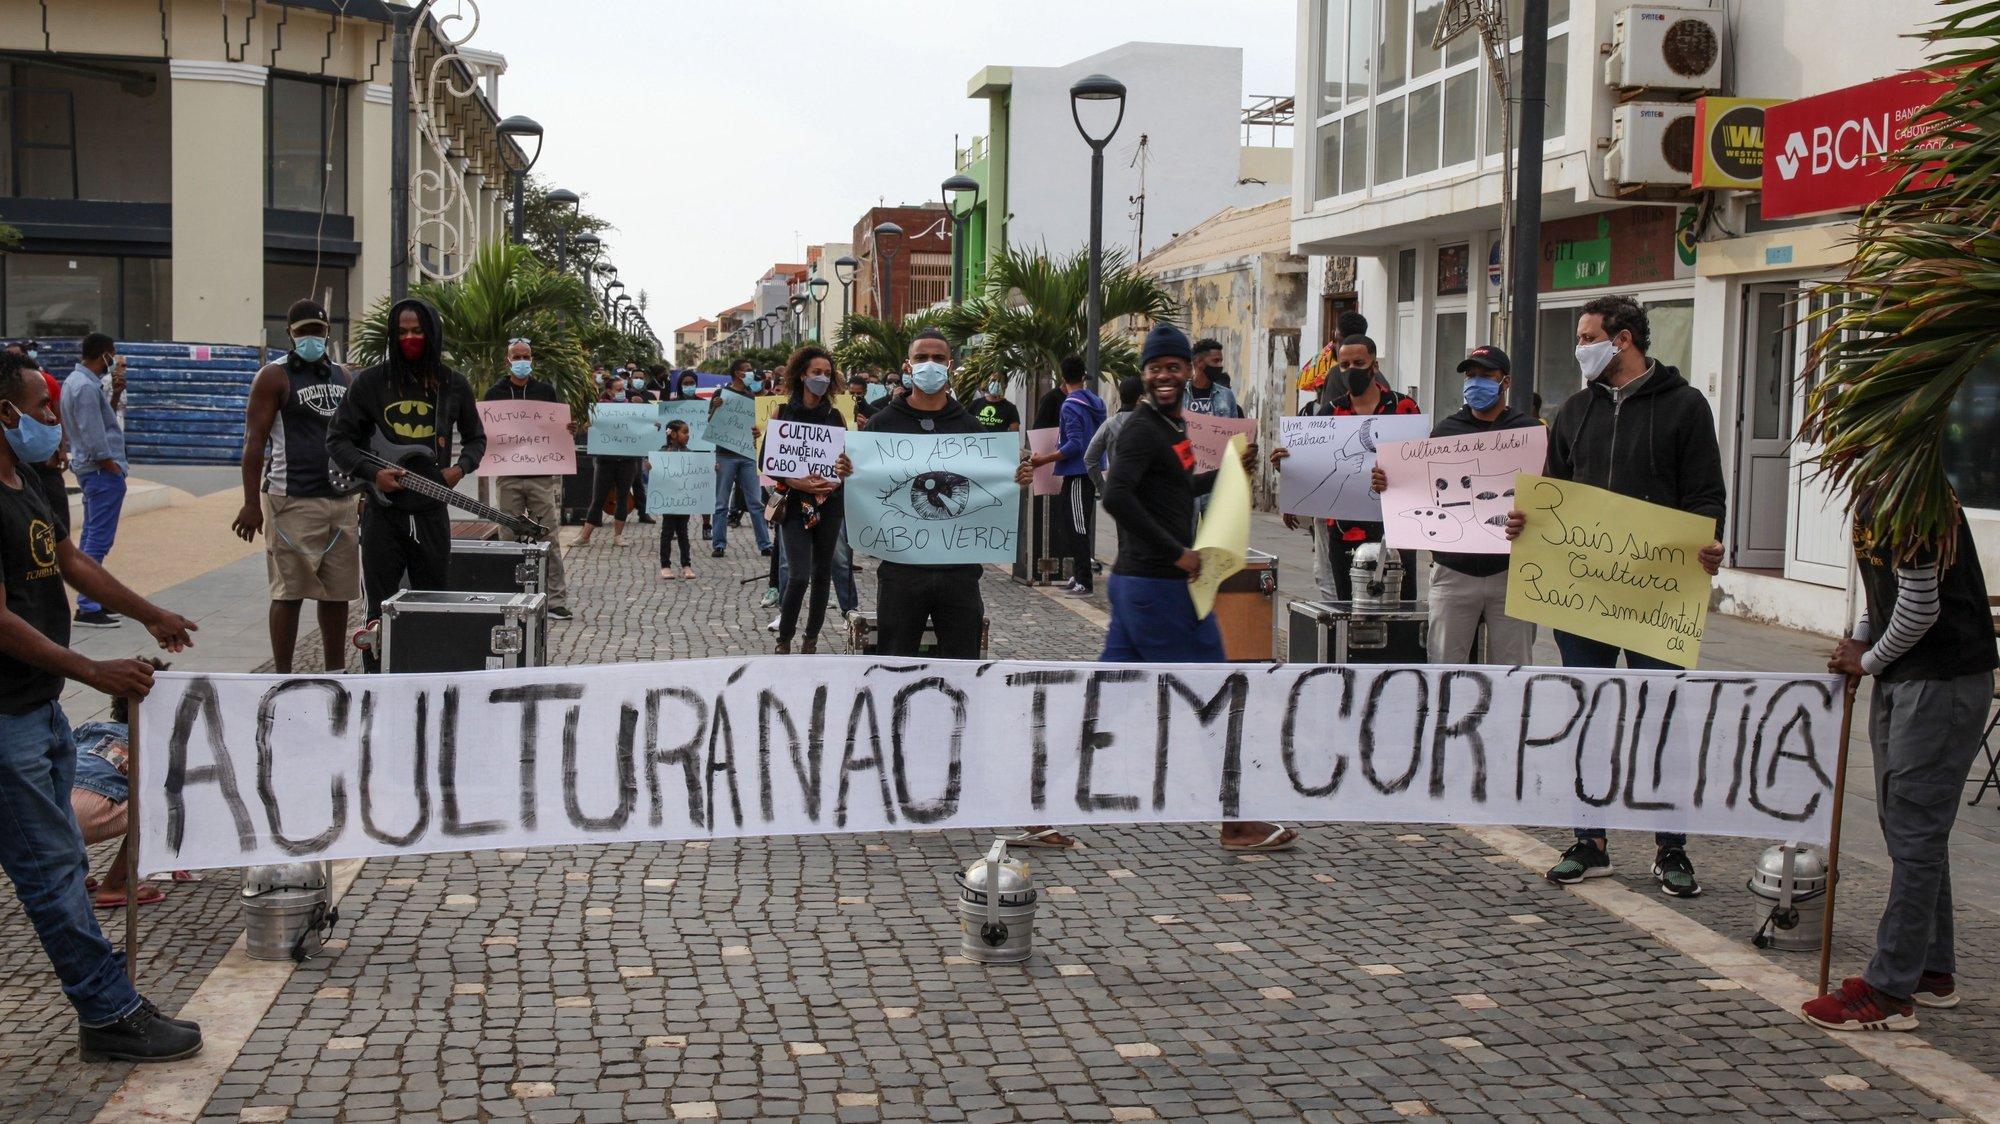 Artistas e trabalhadores da cultura durante um protesto para pedir apoios do governo para fazer face às dificuldades causada pela pandemia de covid-19, Sta Maria, Ilha do Sal, Cabo Verde, 14 de janeiro de 2021. FERNANDO DE PINA/LUSA